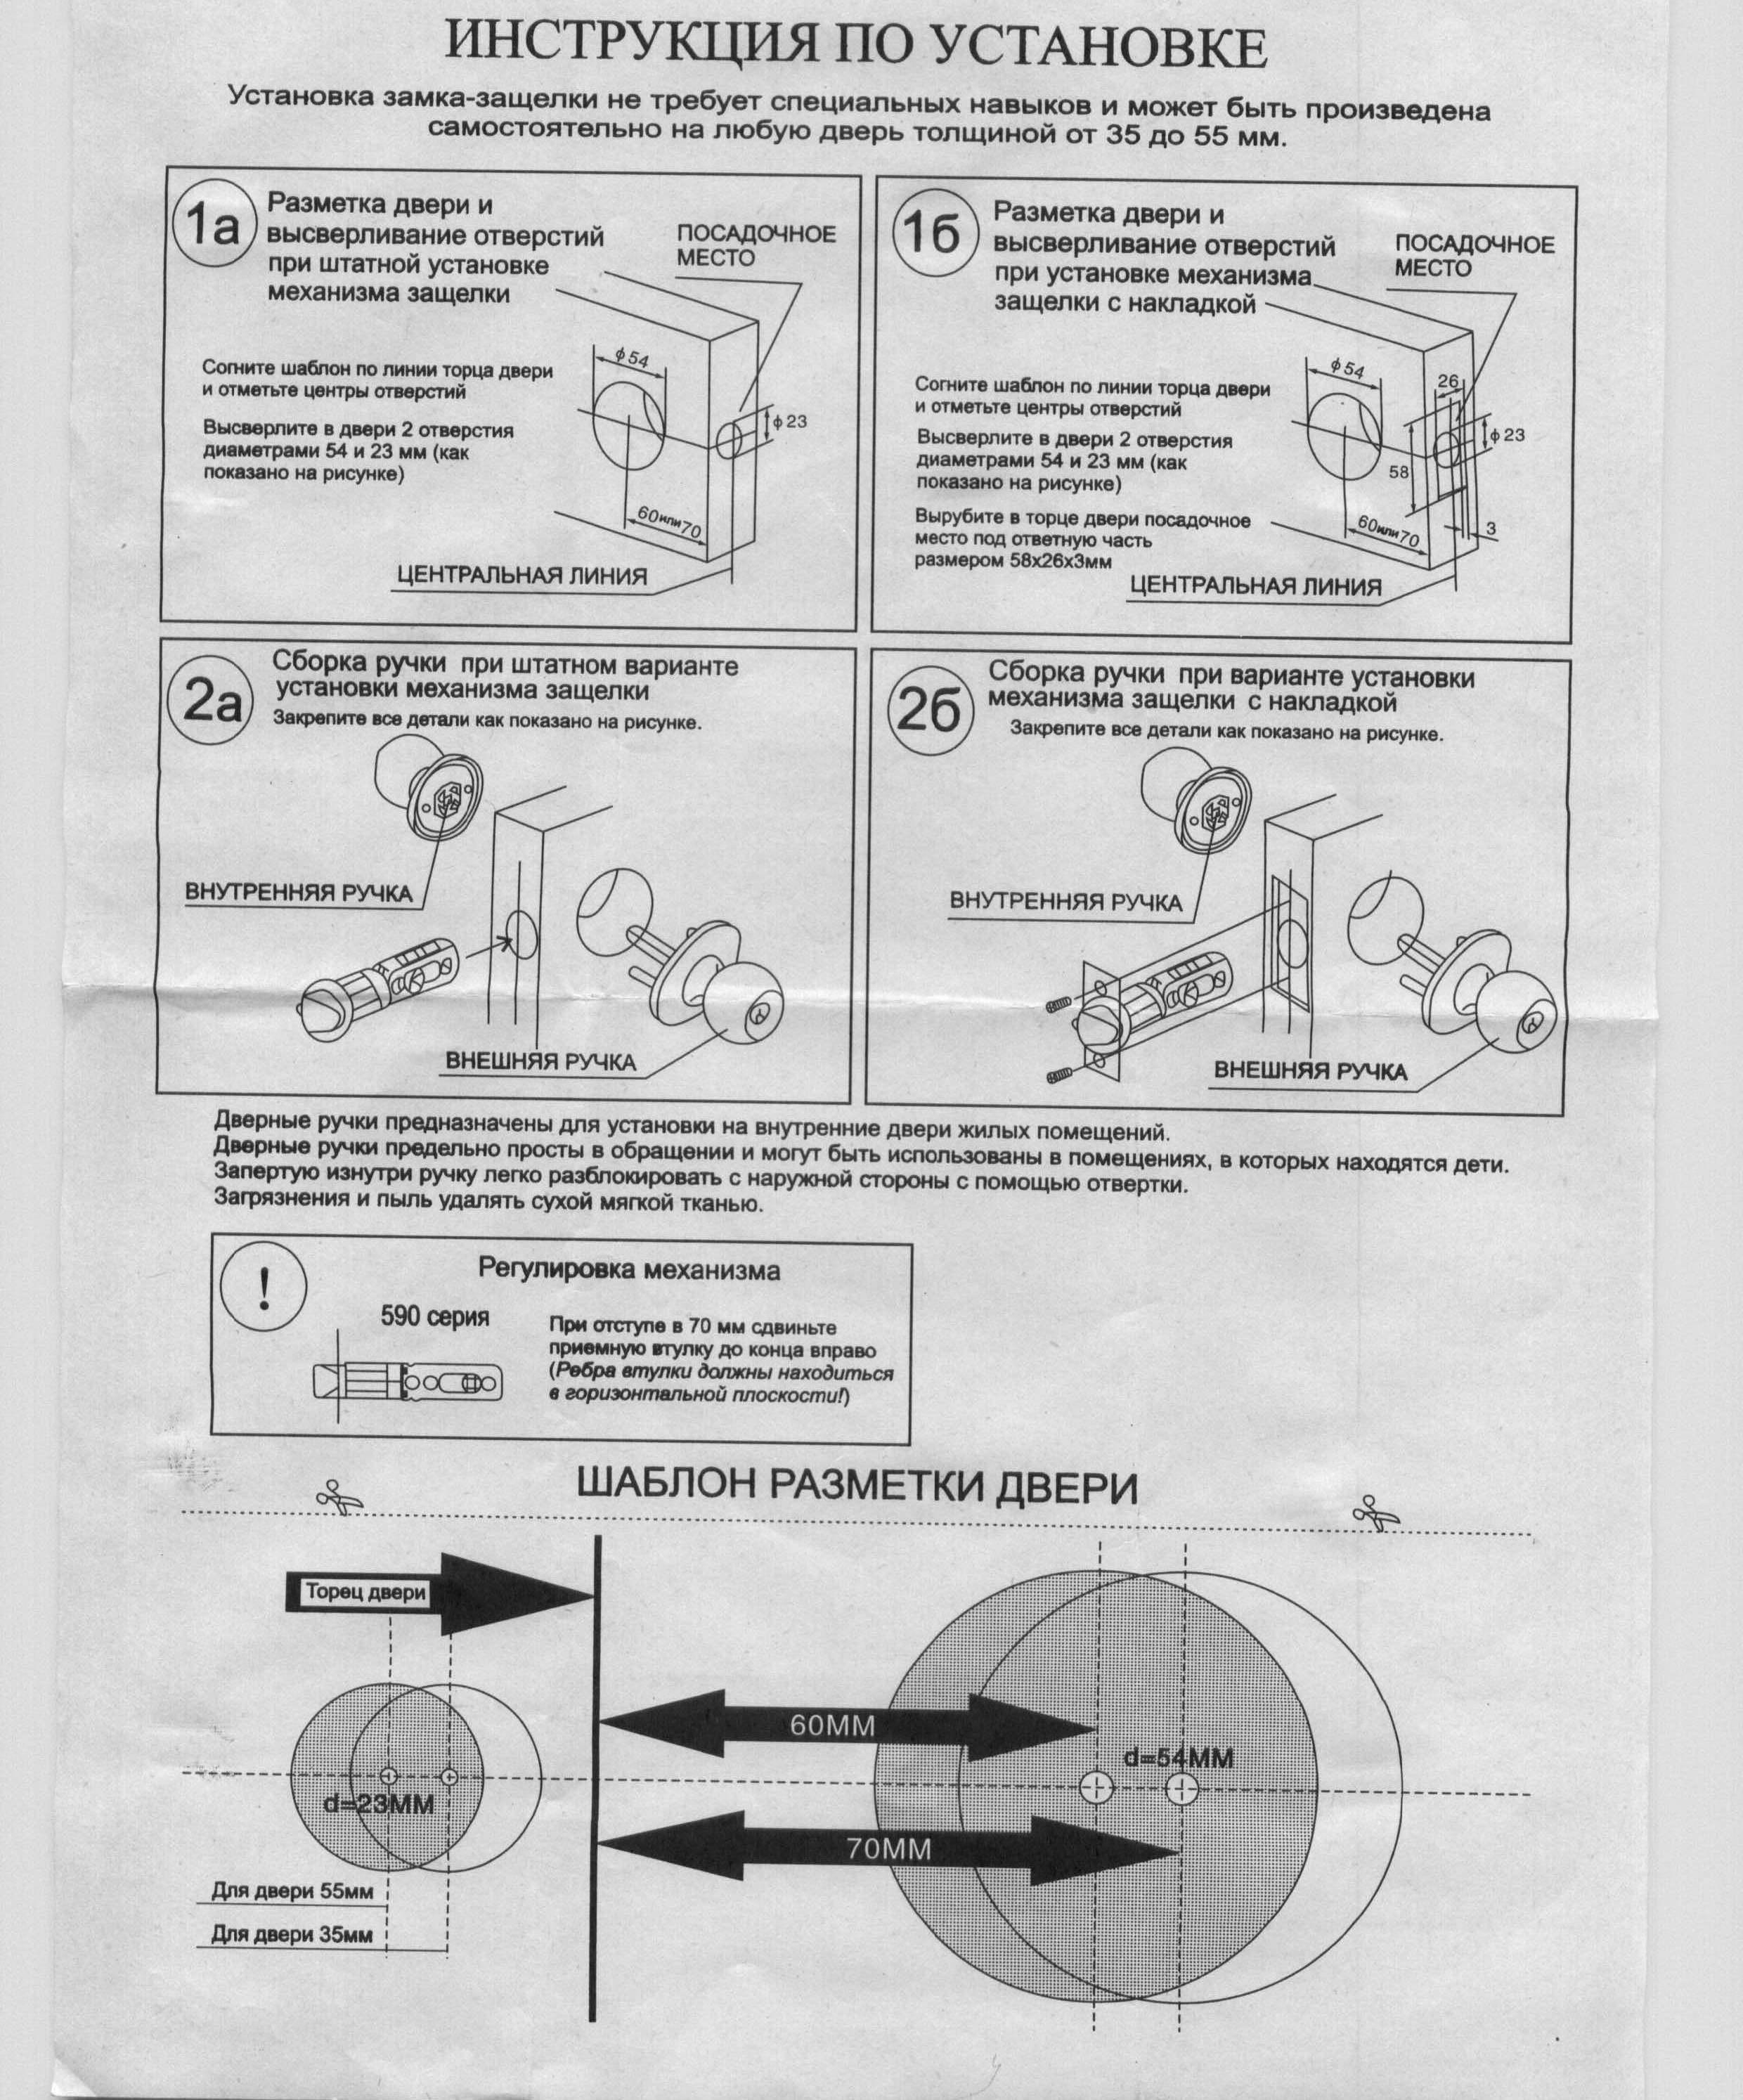 Дверная ручка установка инструкция